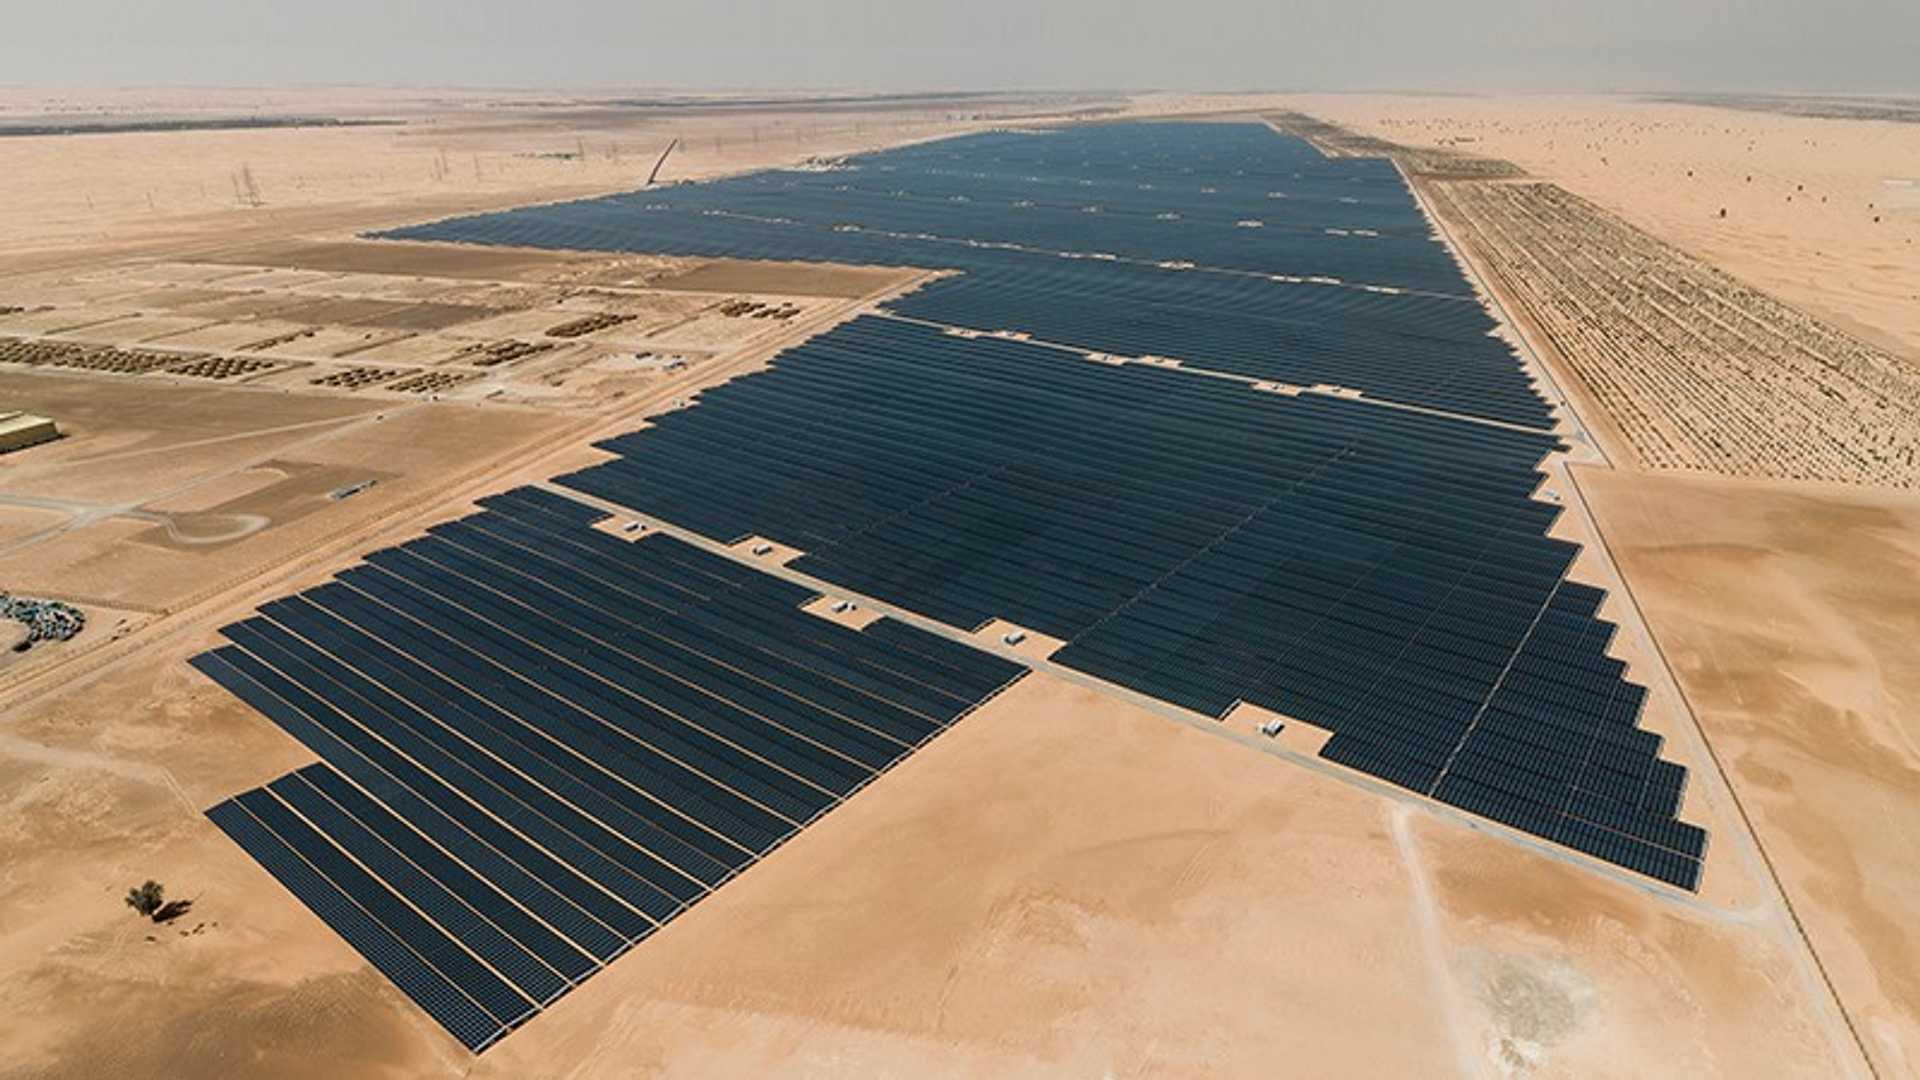 Рекорд 1,35 цента / кВтч солнечной заявки в Абу-Даби прогнозирует чистое будущее